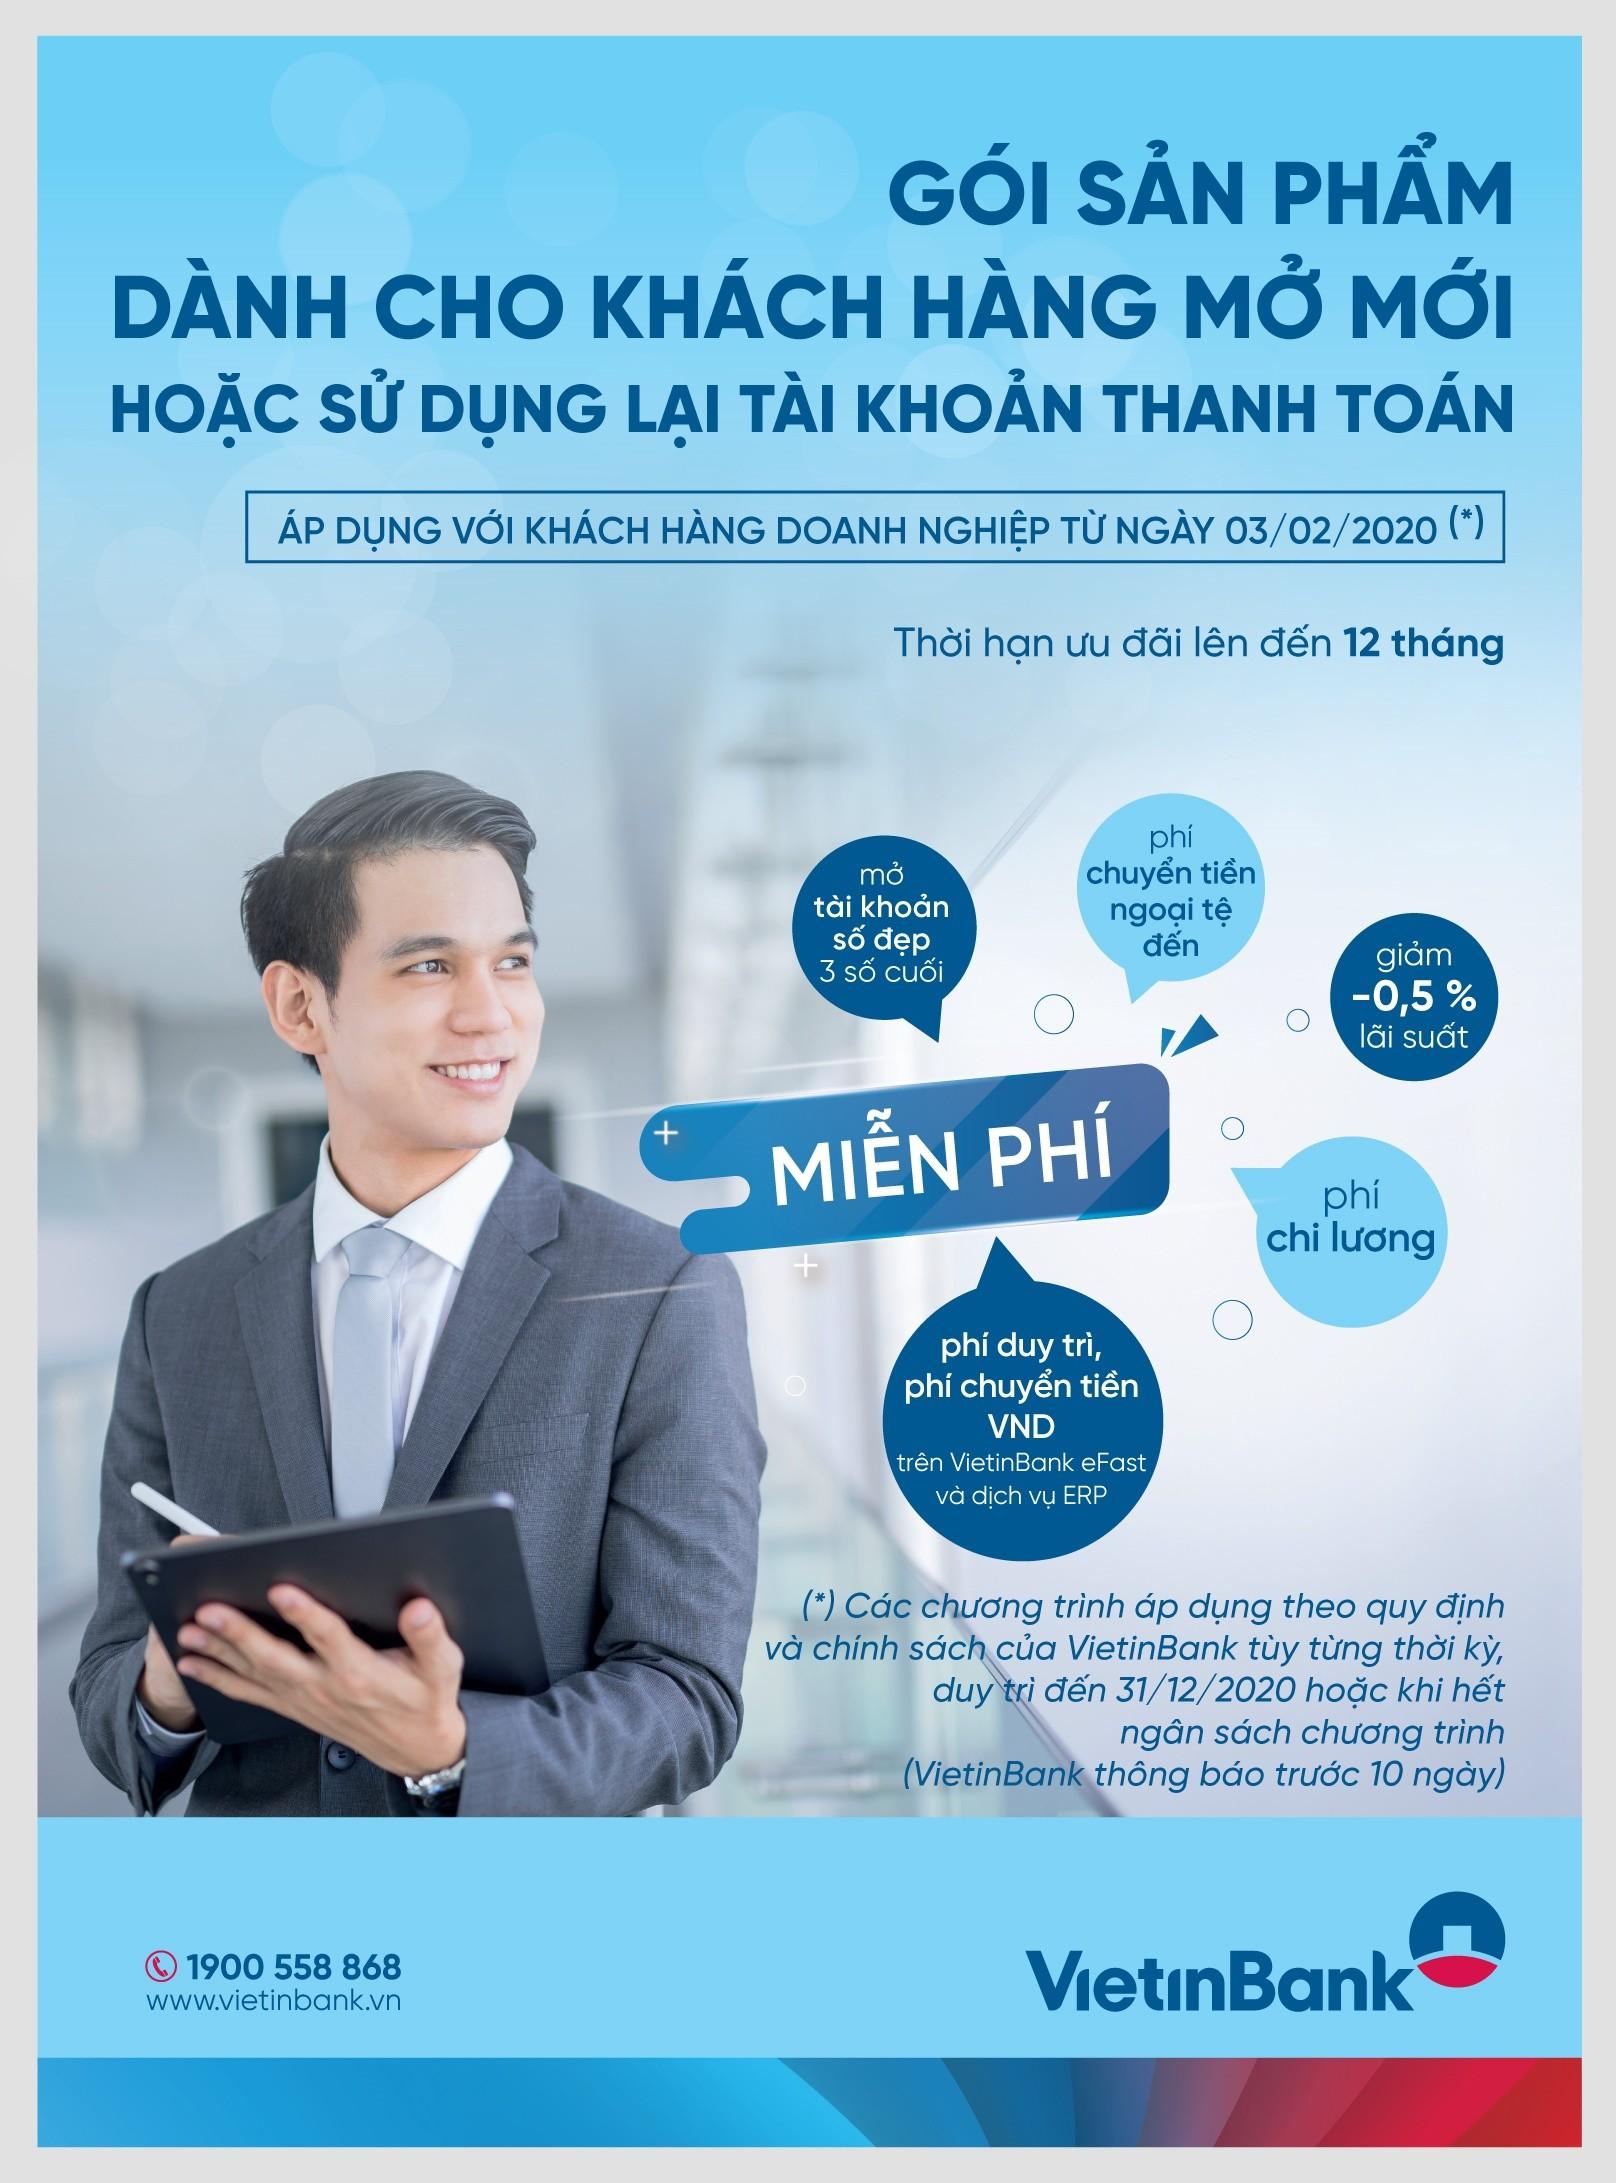 VietinBank đồng hành cùng doanh nghiệp với nhiều gói tín dụng ưu đãi-1